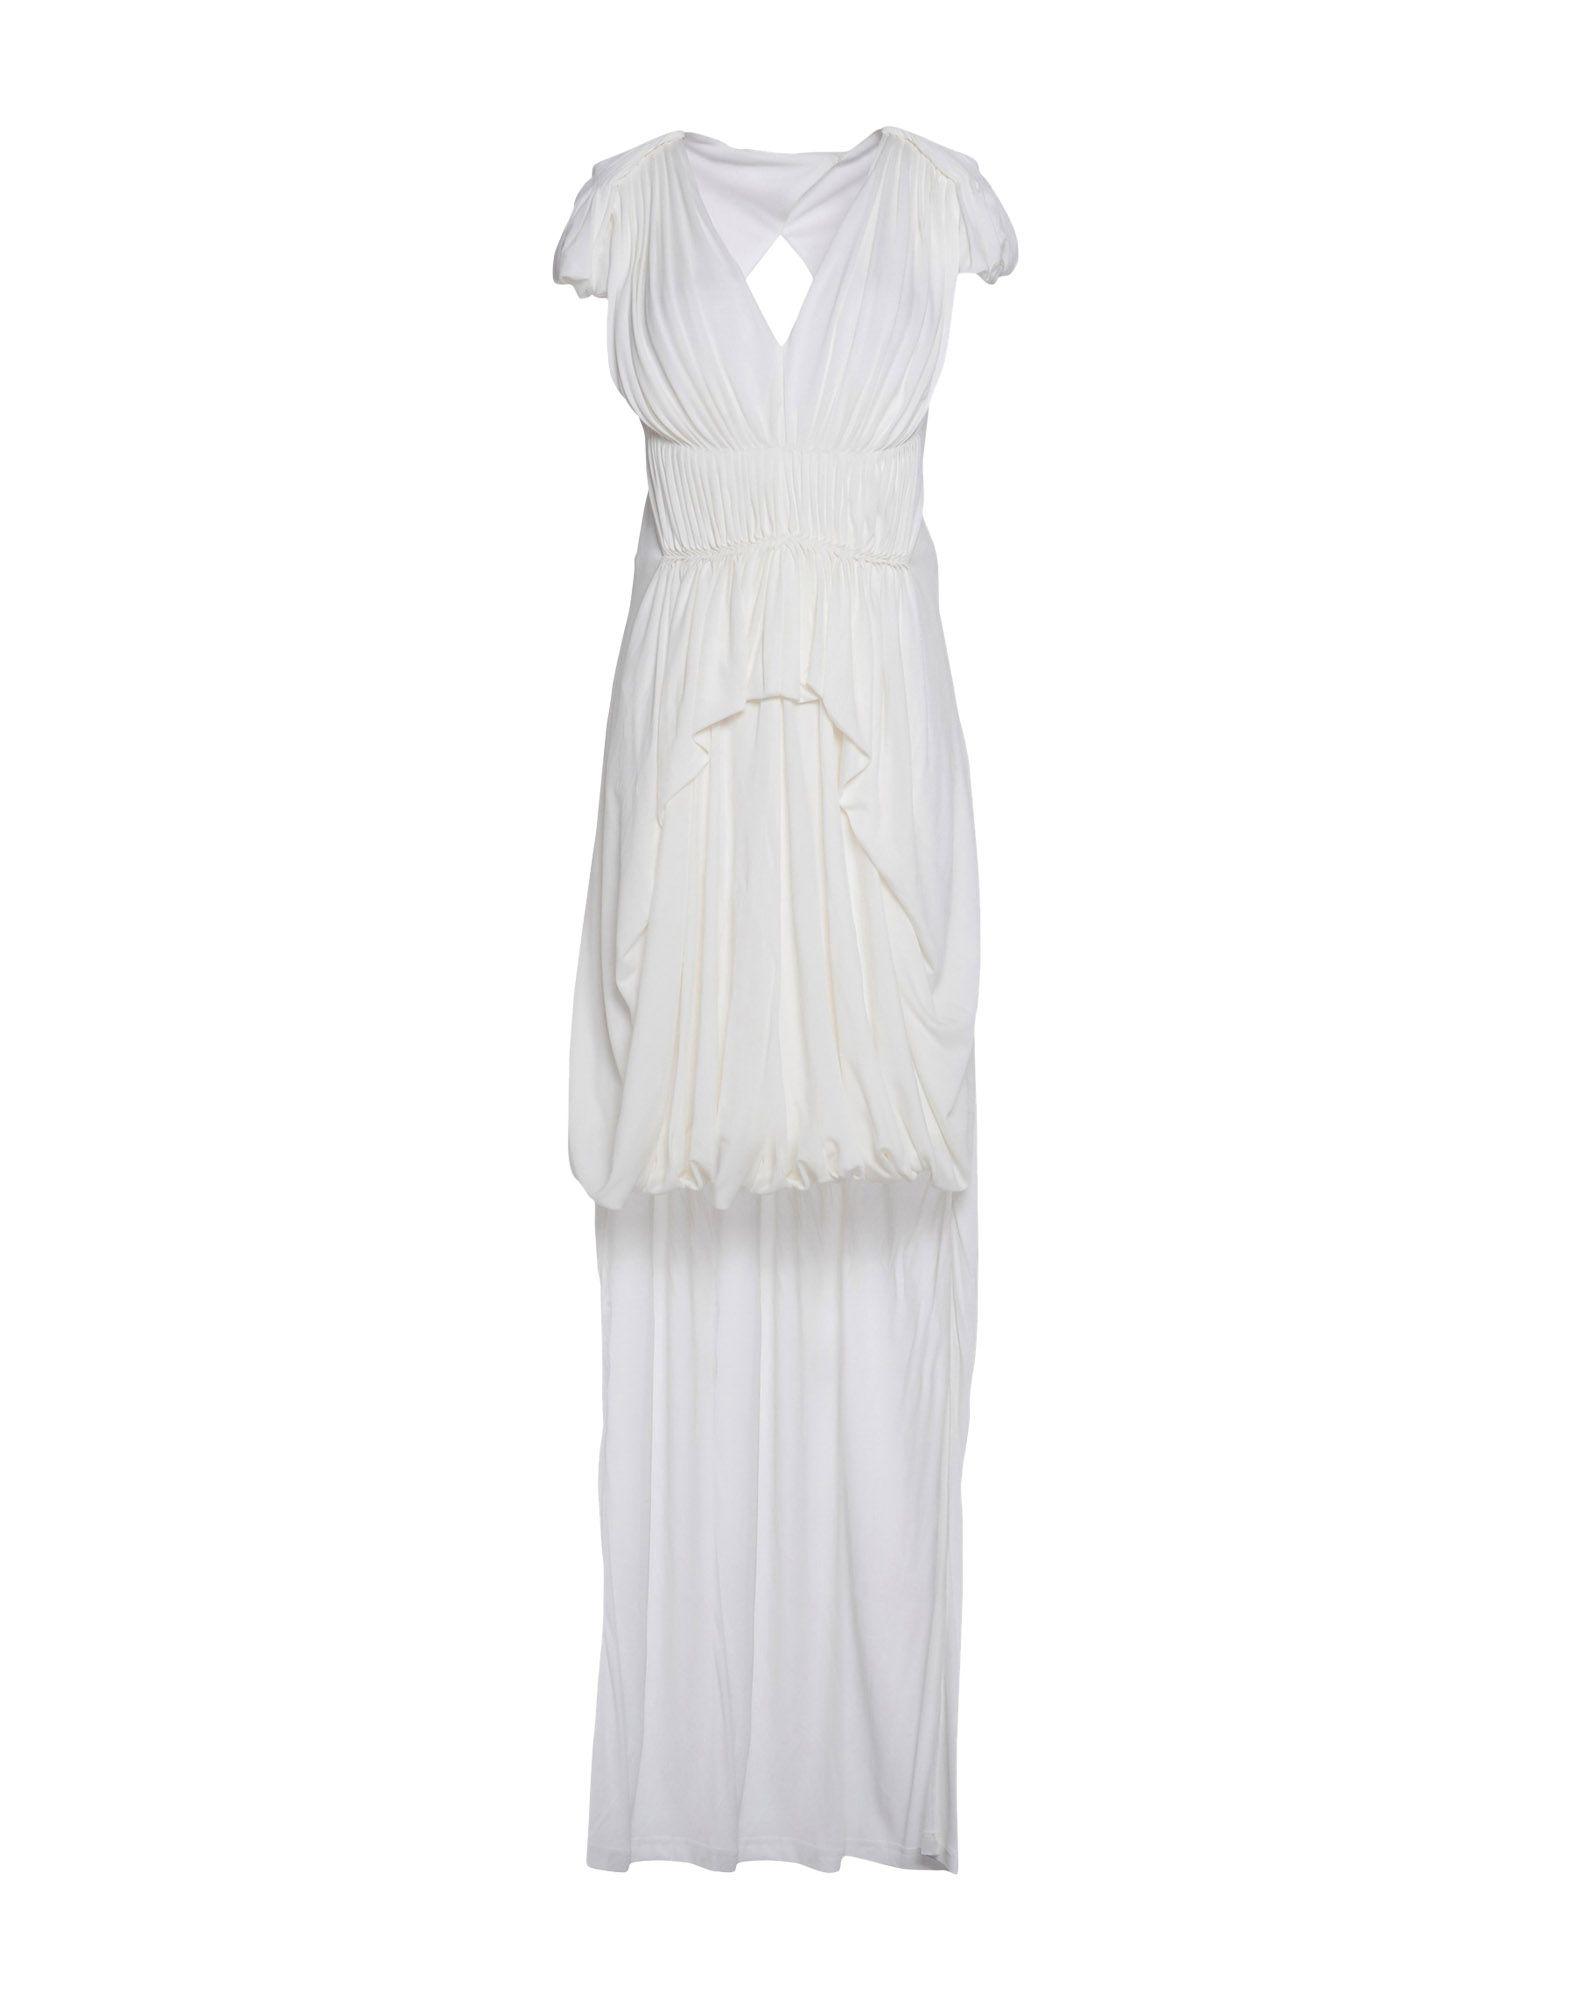 SOPHIA KOKOSALAKI Длинное платье цена 2017